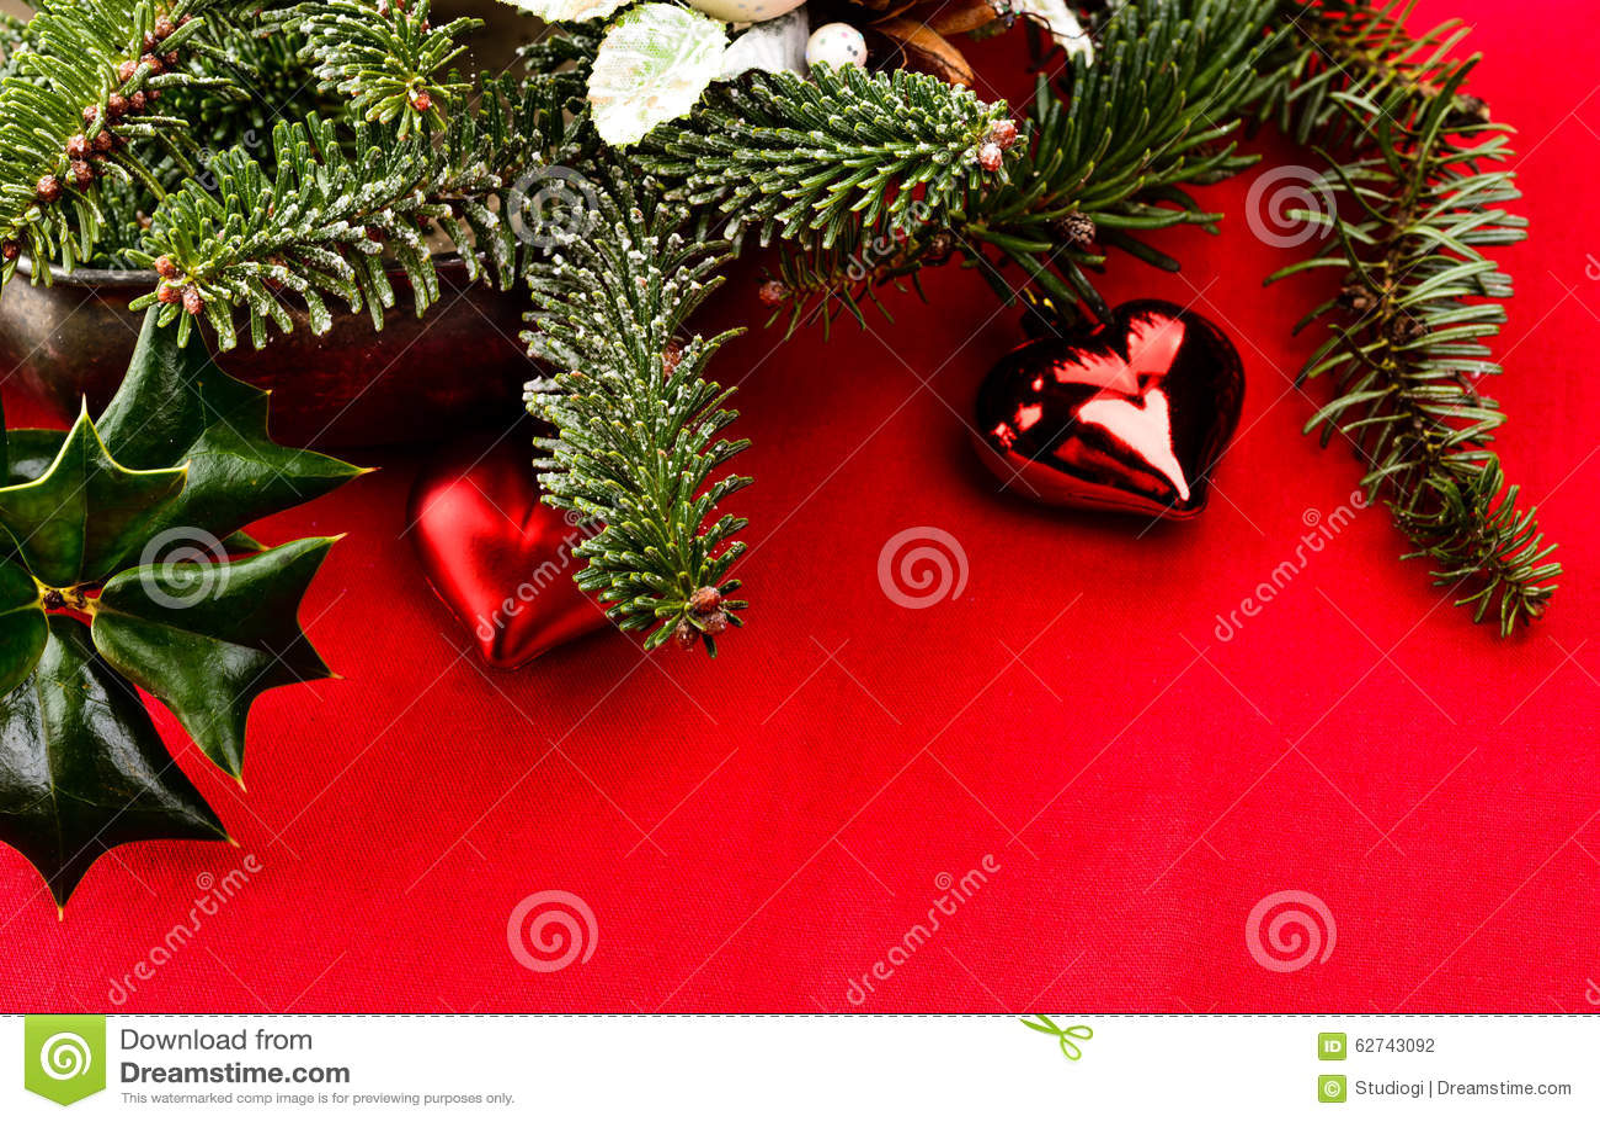 Weihnachten Wunsch.Wunsch Karten Weihnachten Beschaffenheit Stockfoto Bild Von